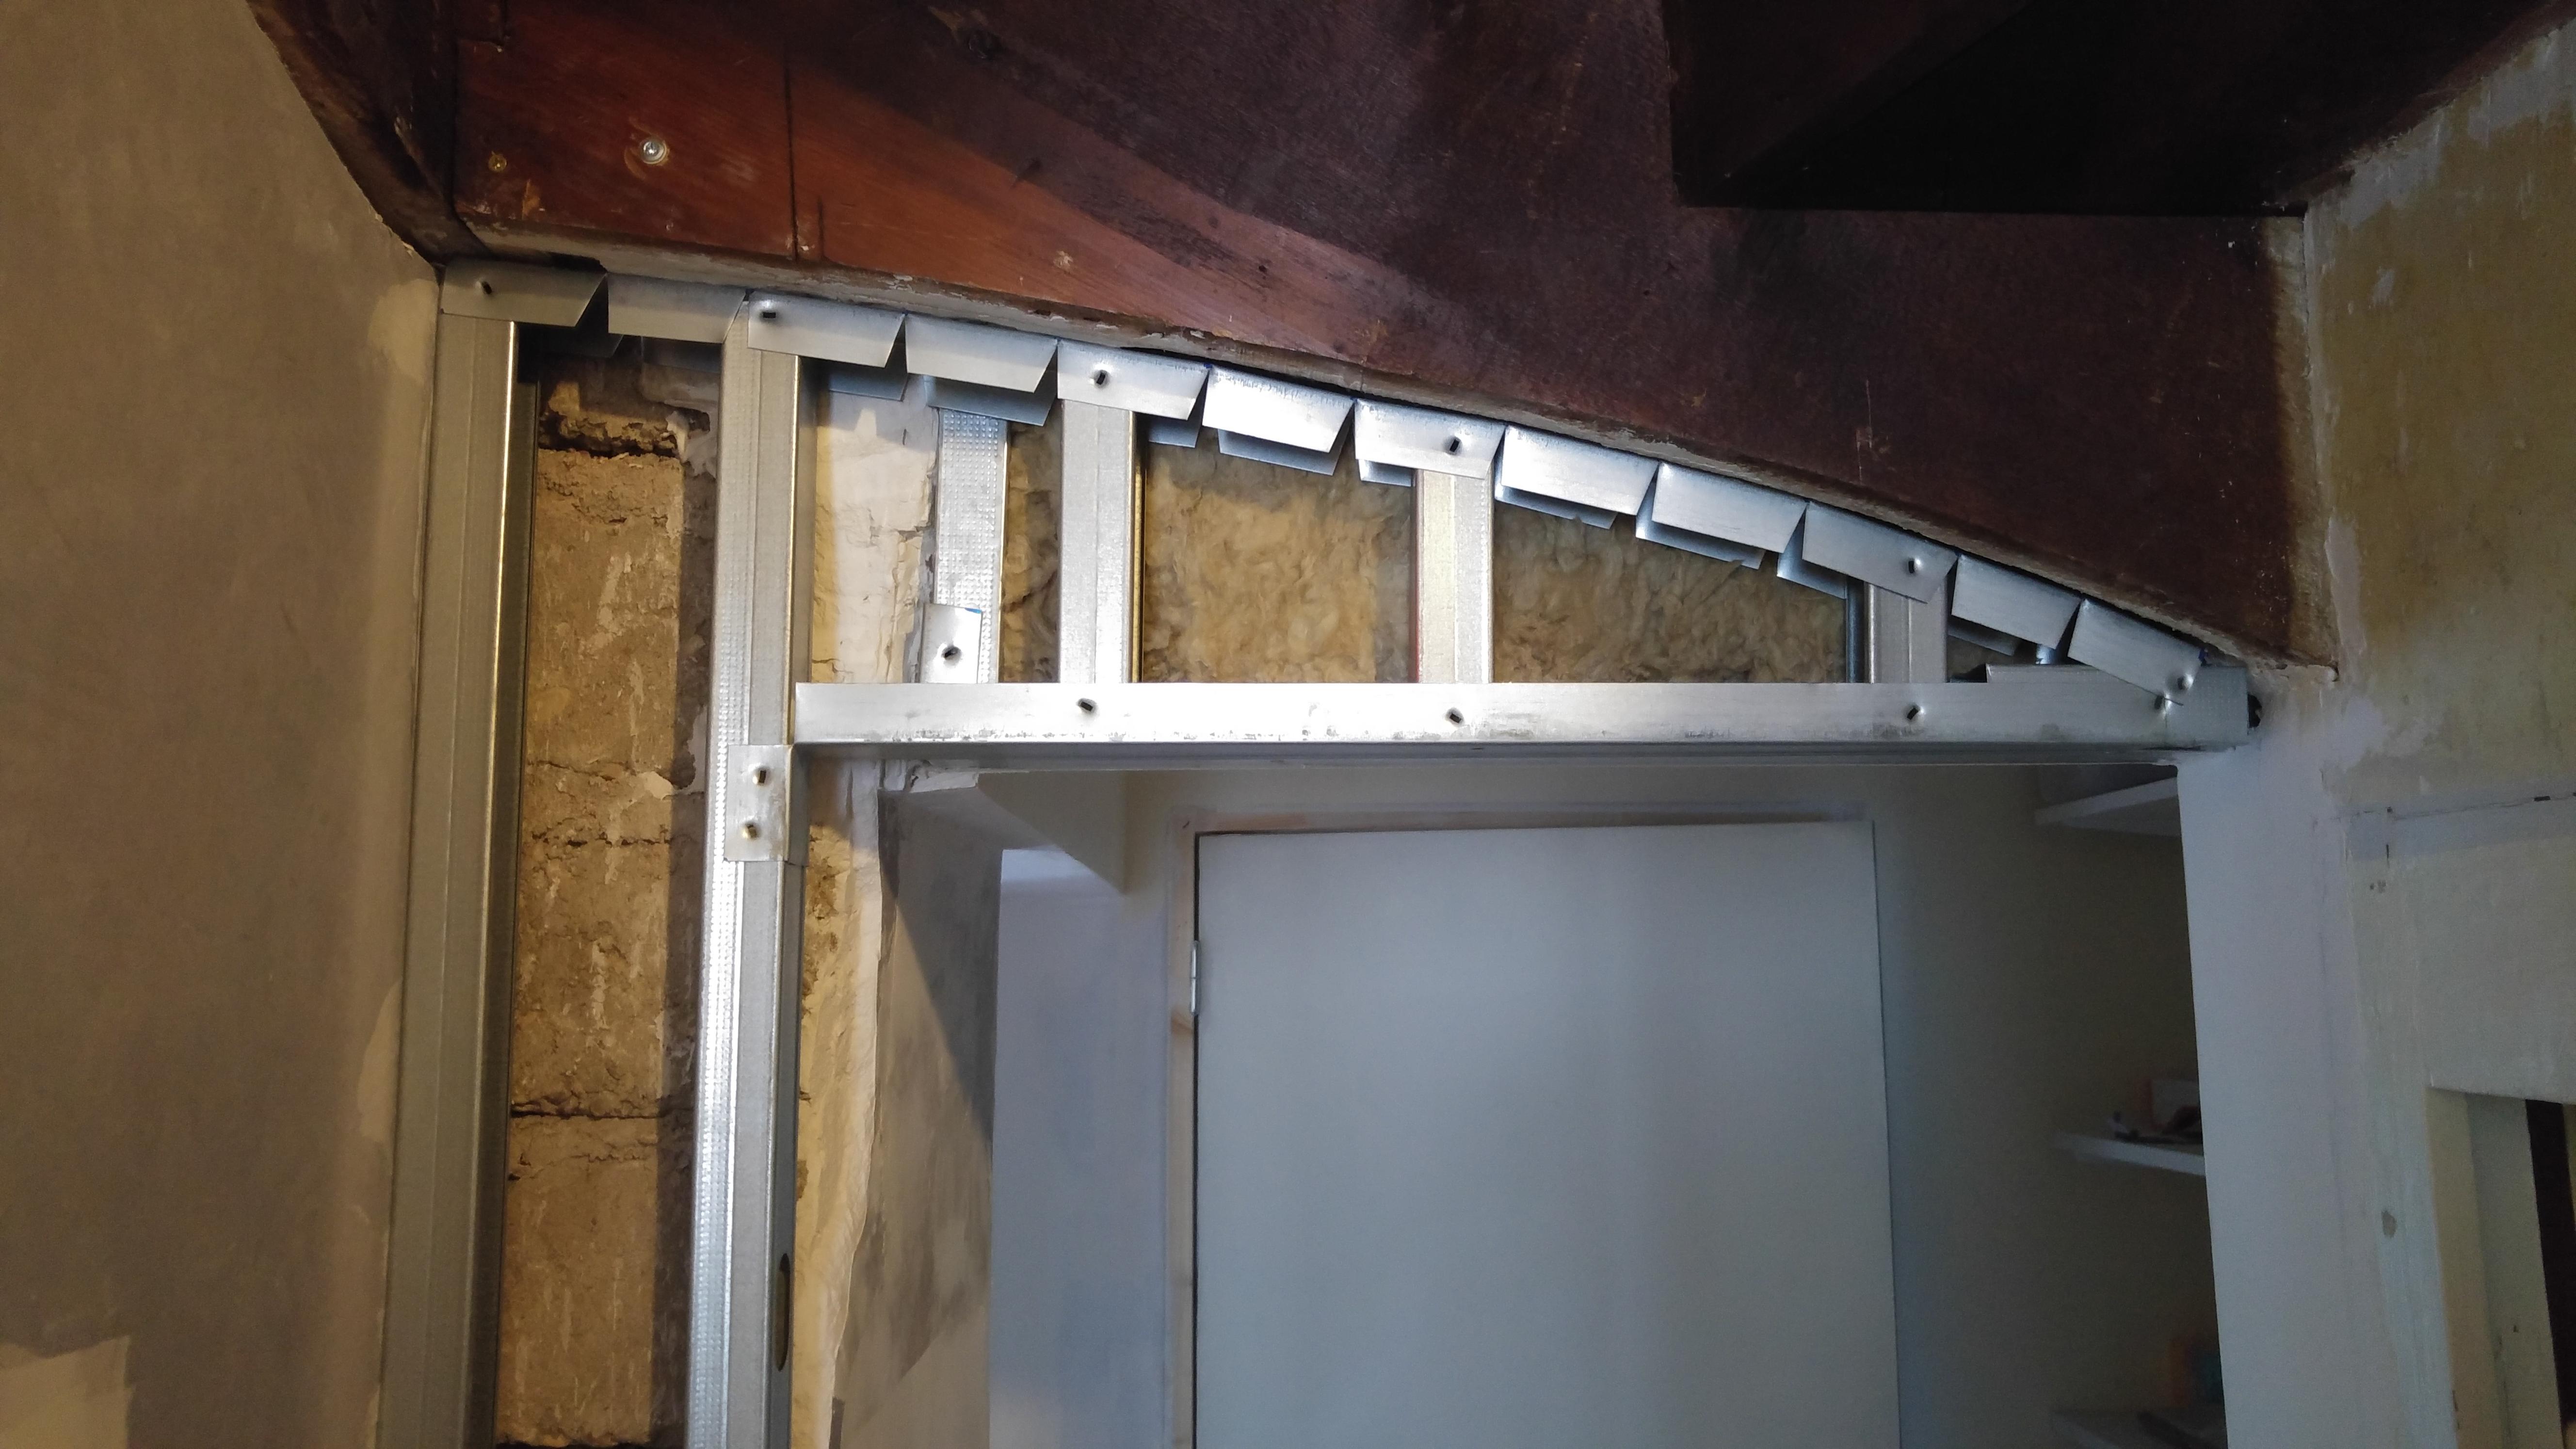 Salon Isolation Et Plaquage La Maison Des Rigolettes # Faire Des Arches Avec Du Placoplatre